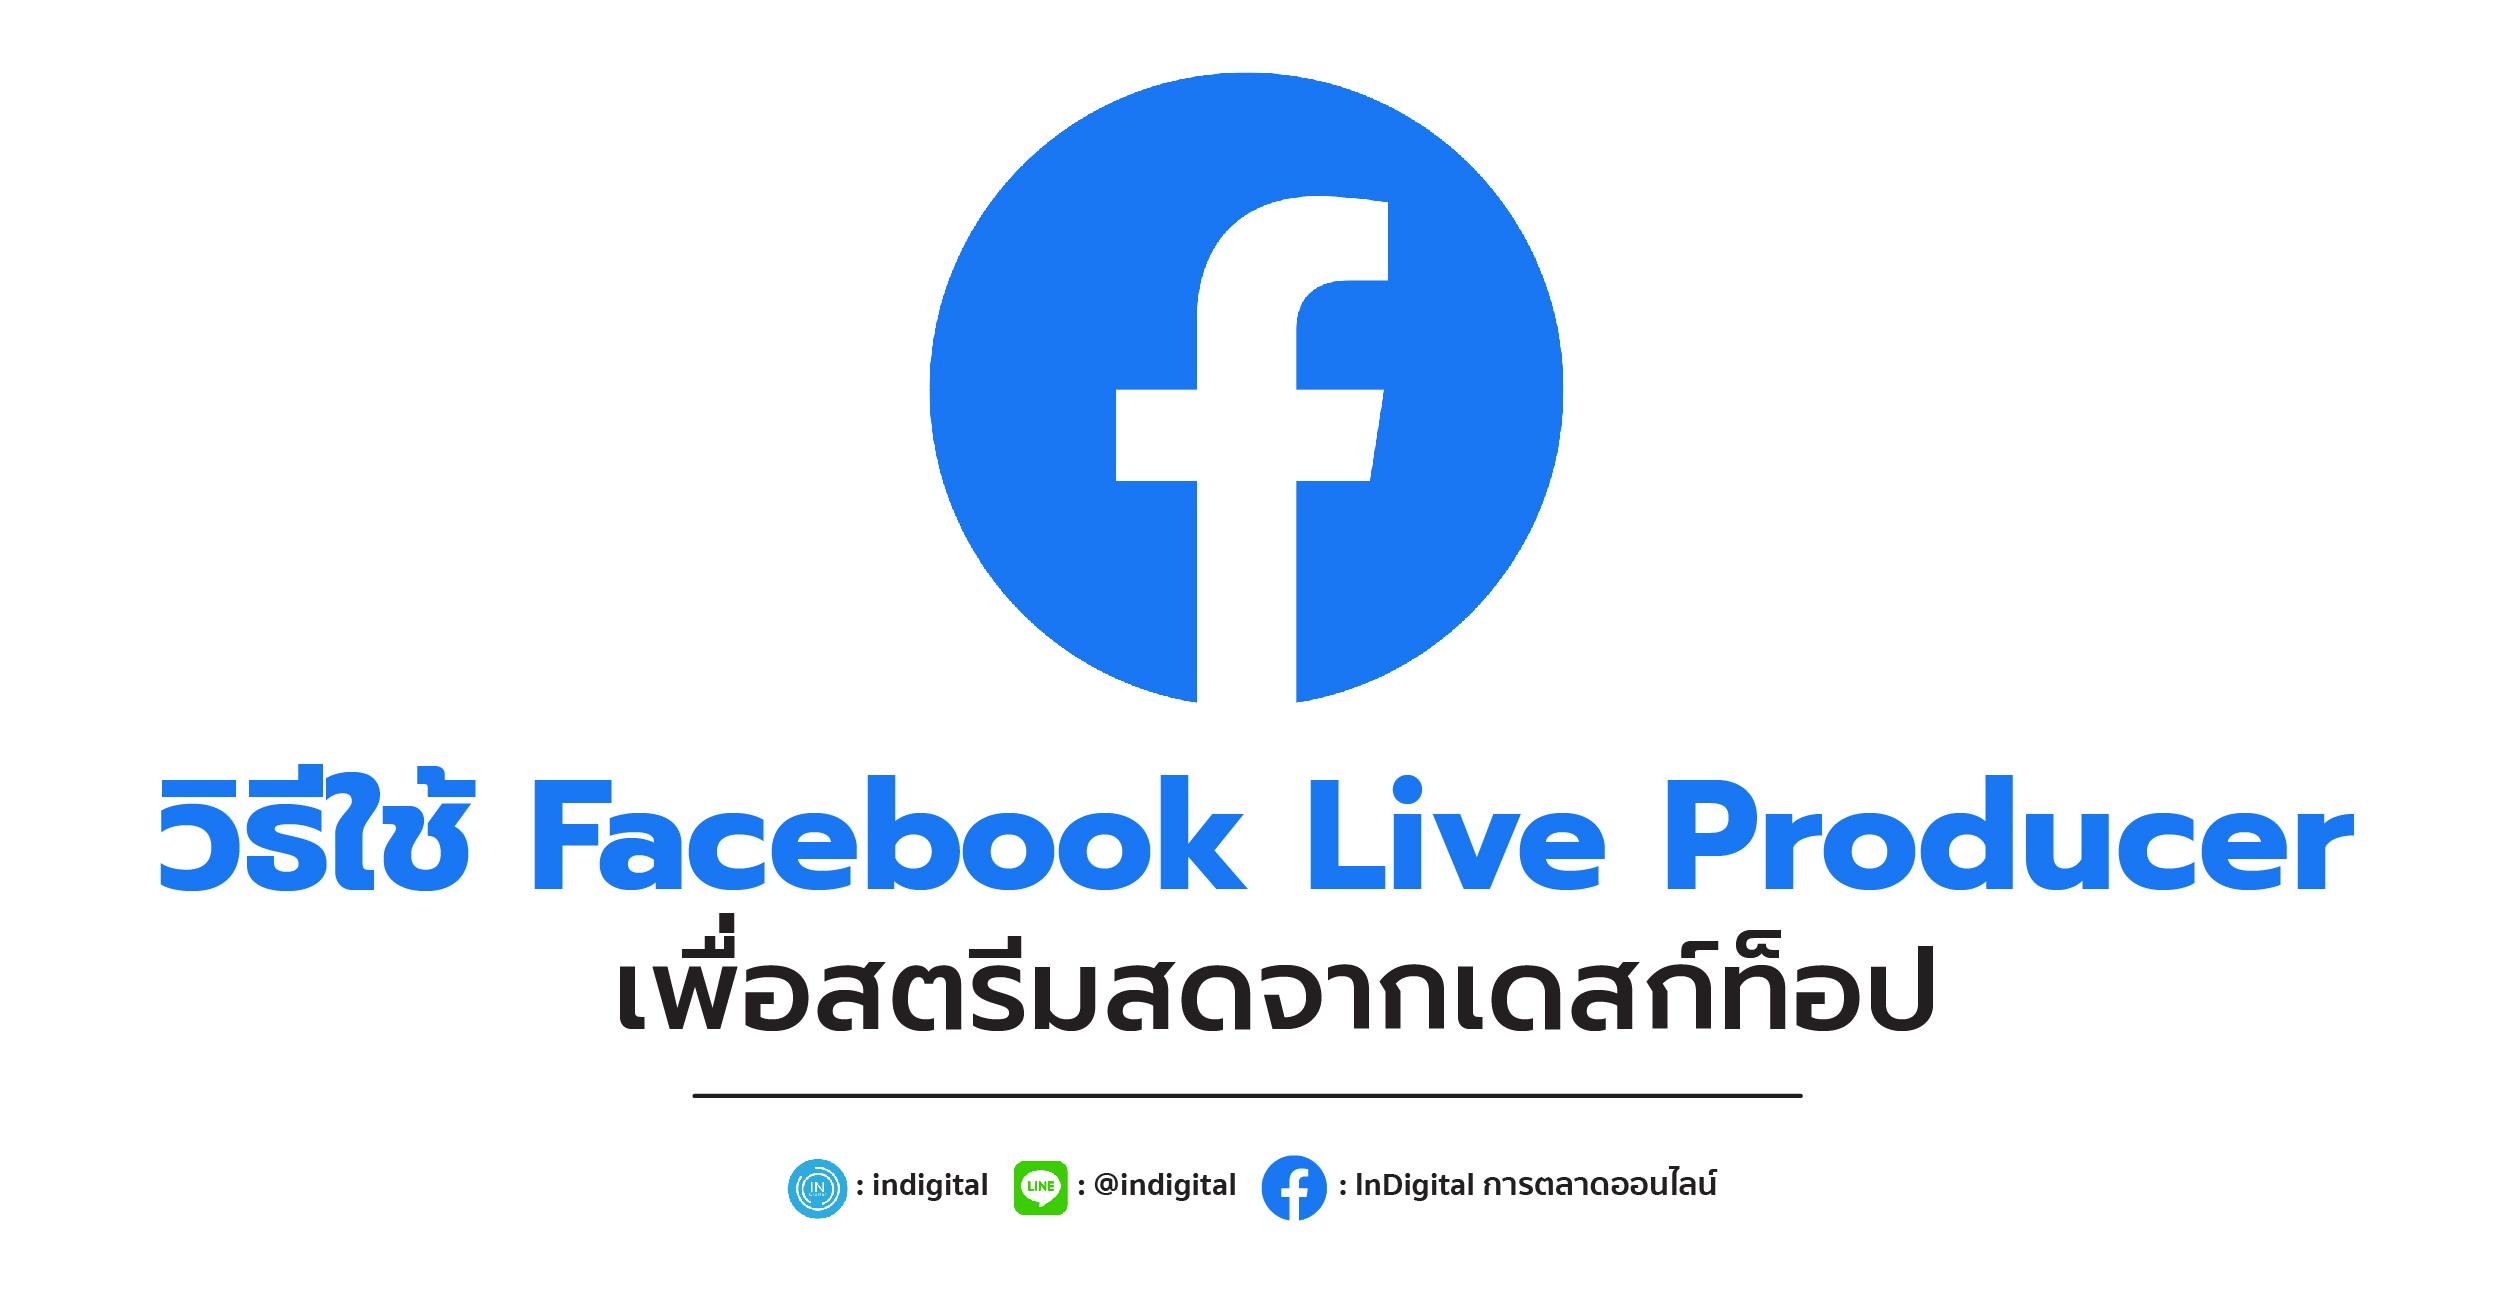 วิธีใช้ Facebook Live Producer เพื่อสตรีมสดจากเดสก์ท็อป